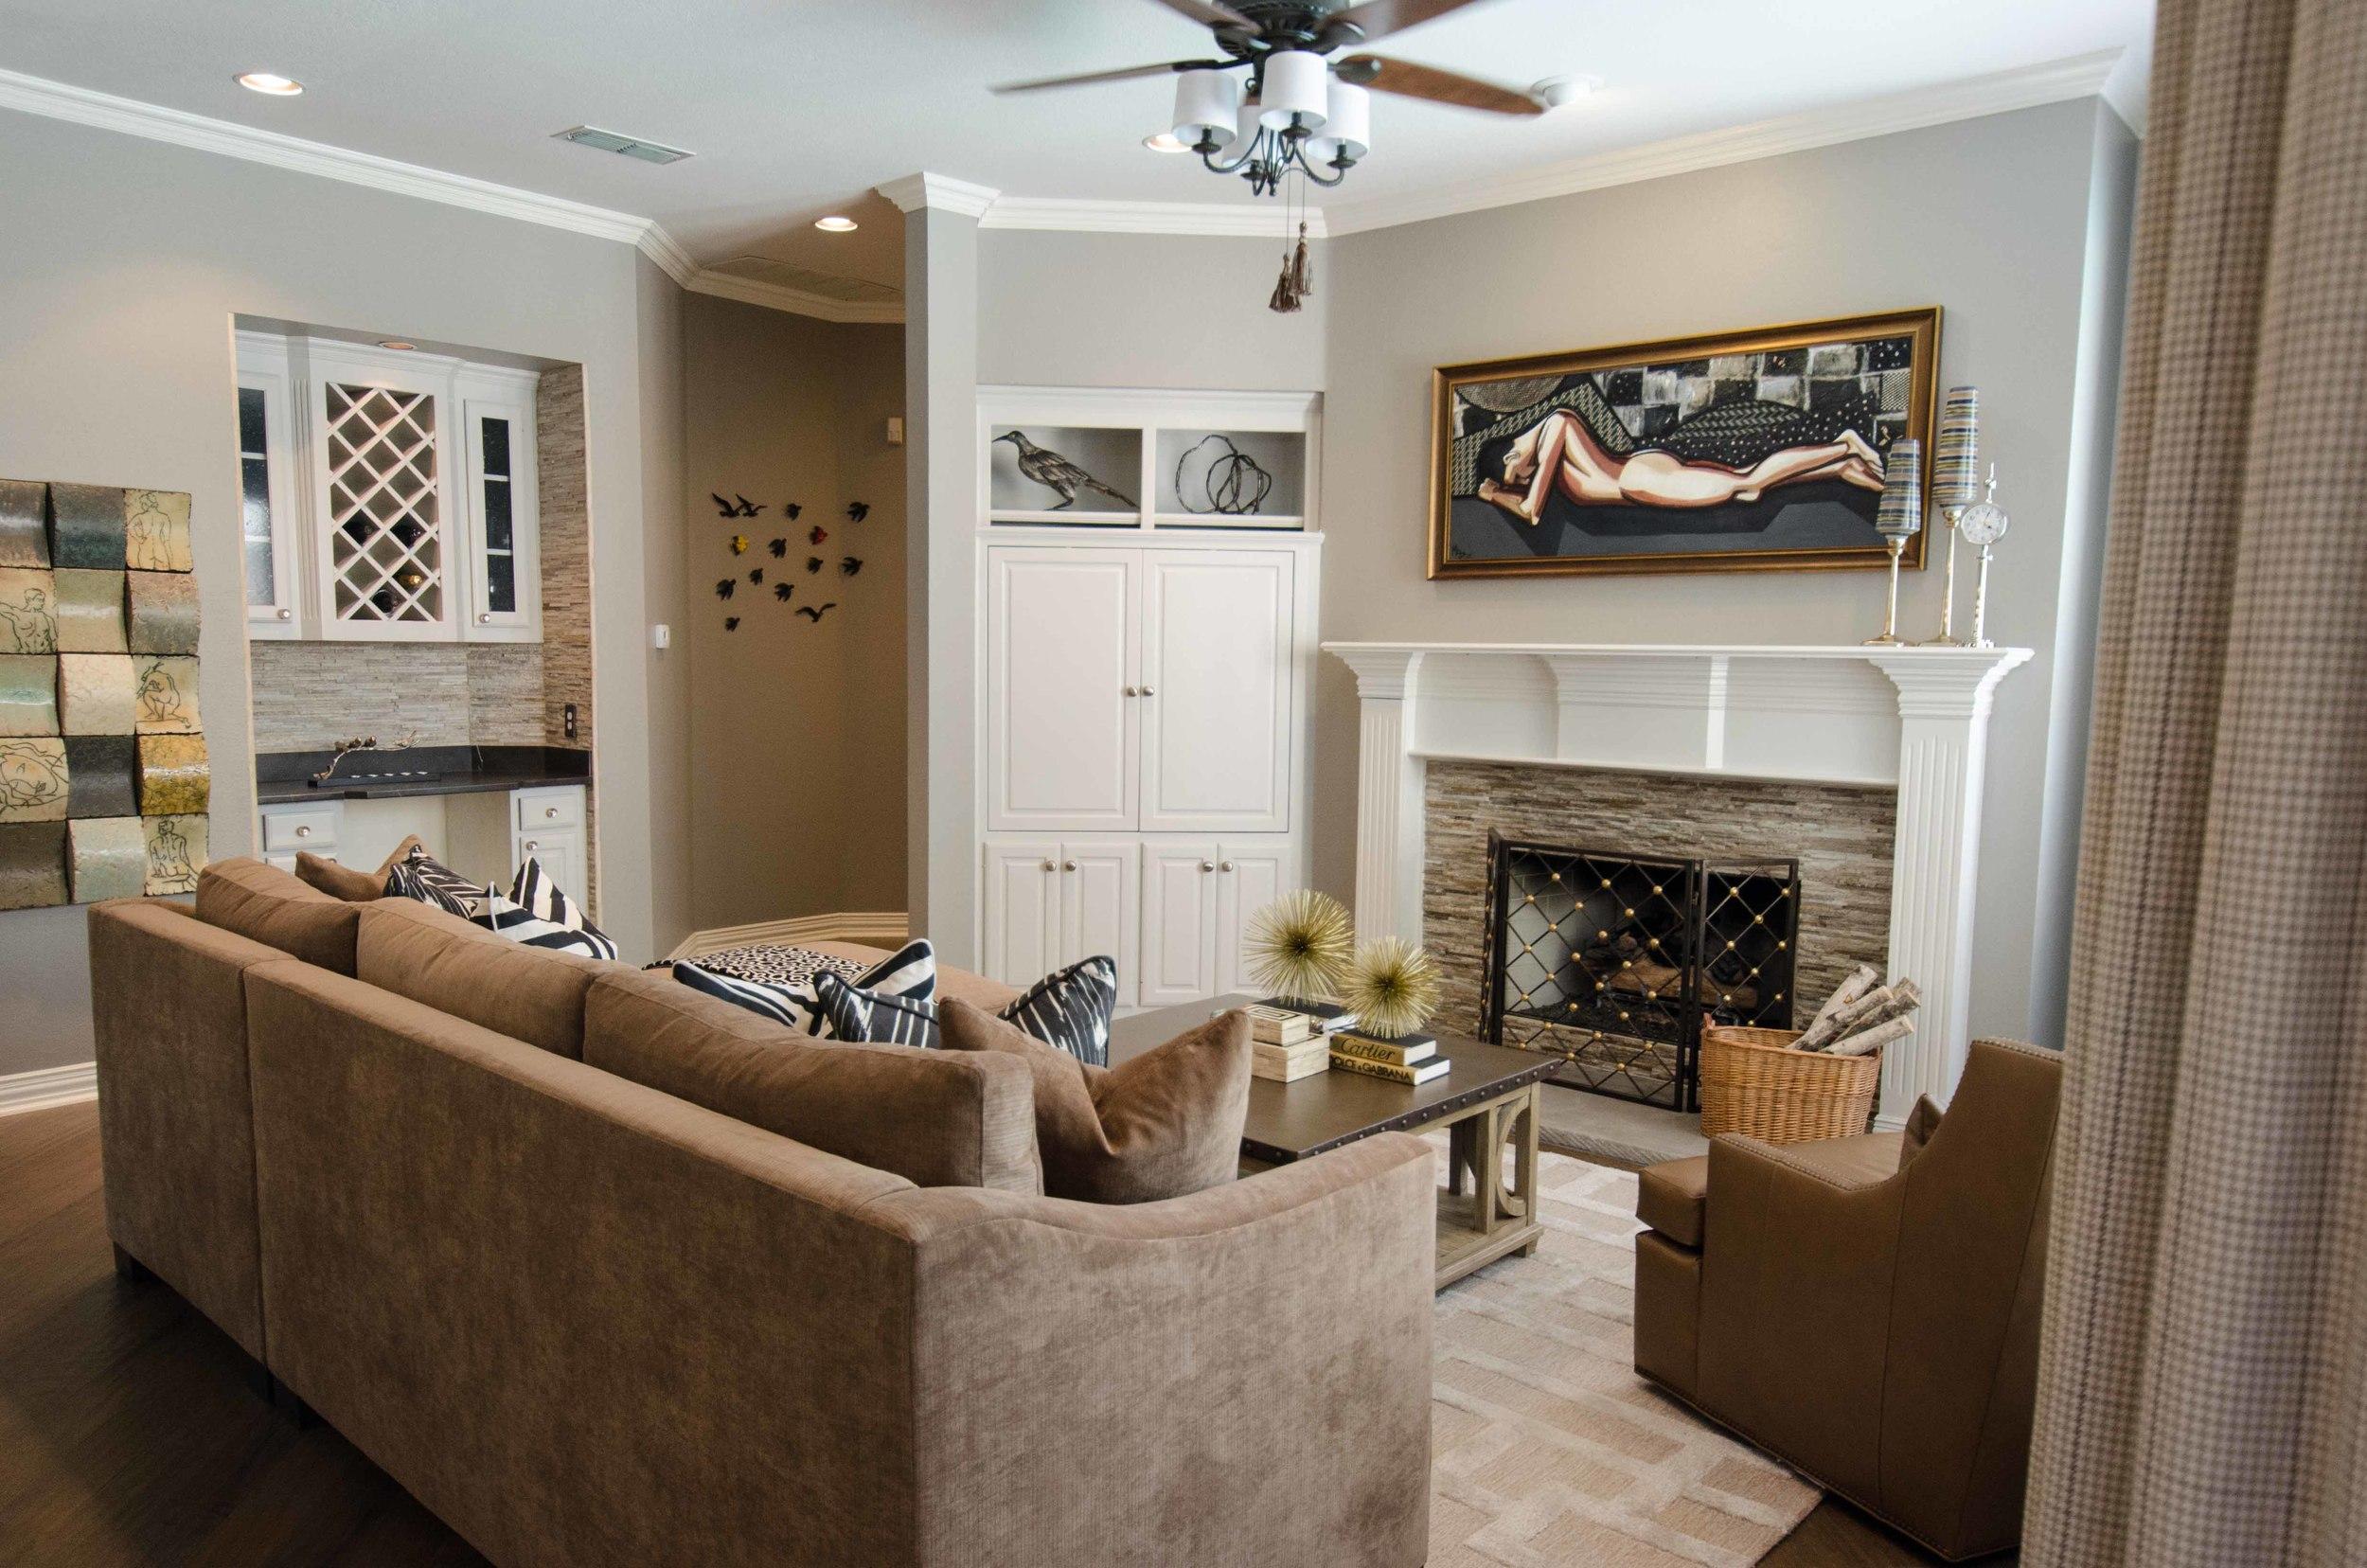 Odd shape living room design